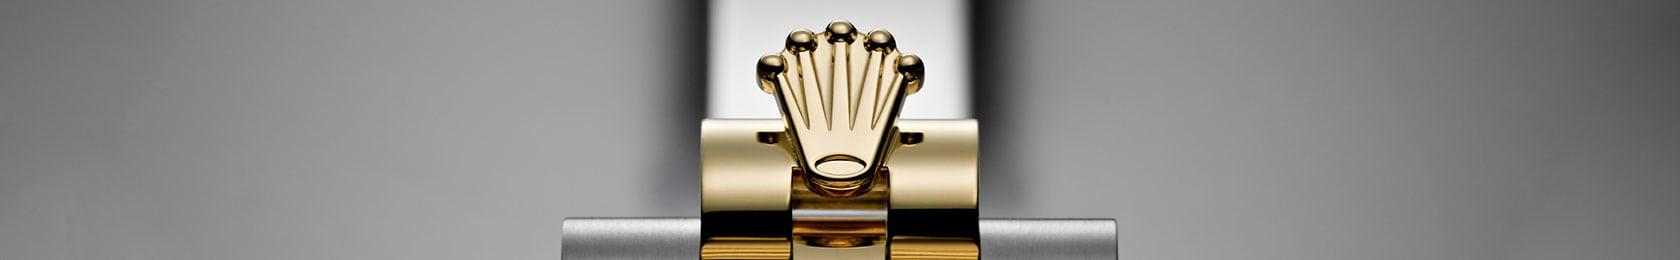 Distribuidor Oficial Rolex